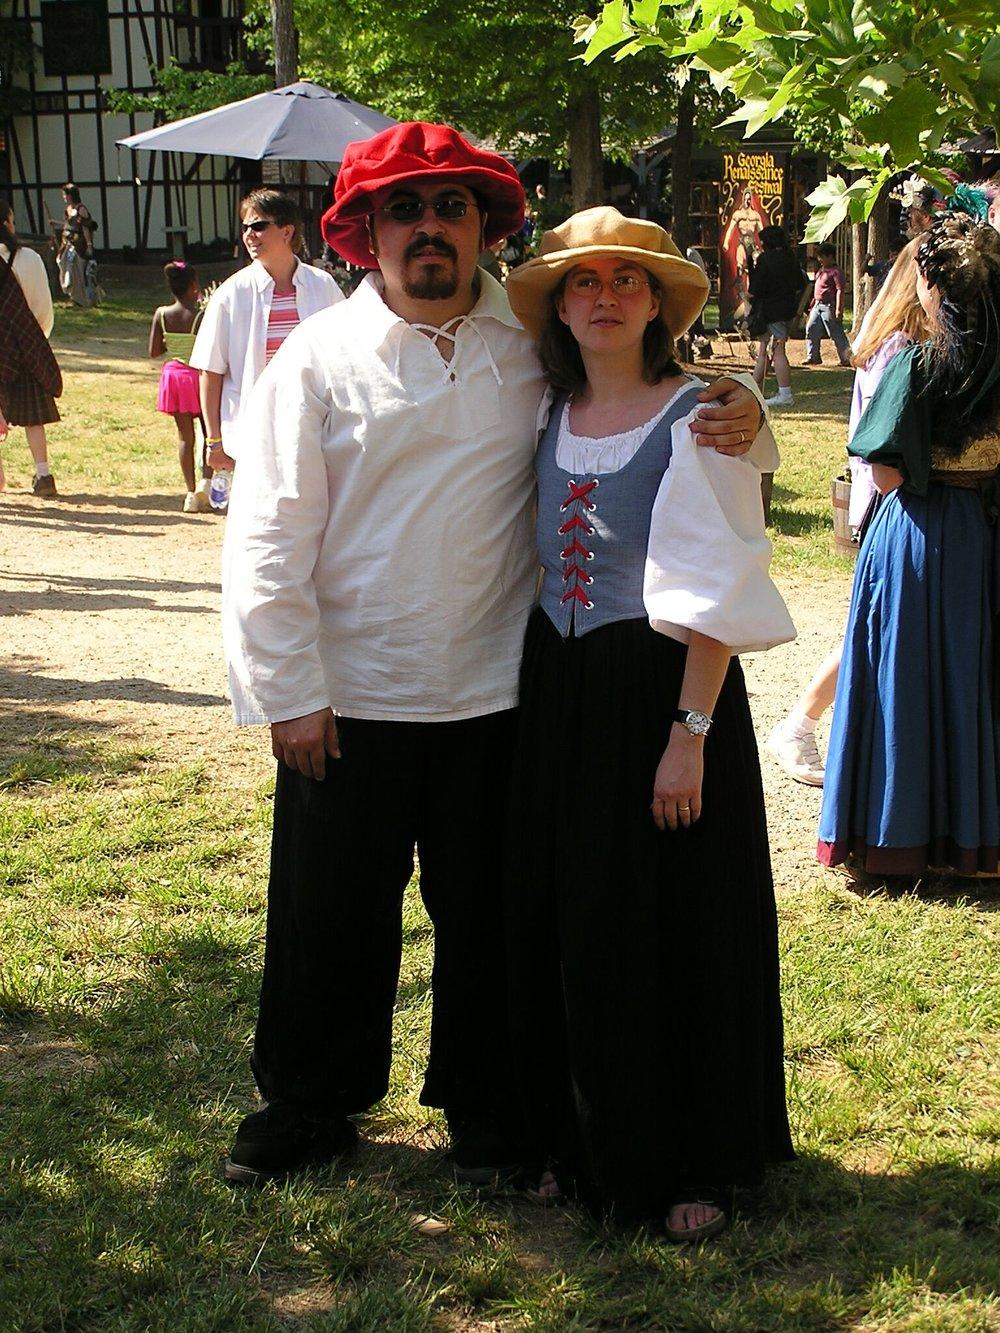 Renaissance Festival 05-07-05 - 103